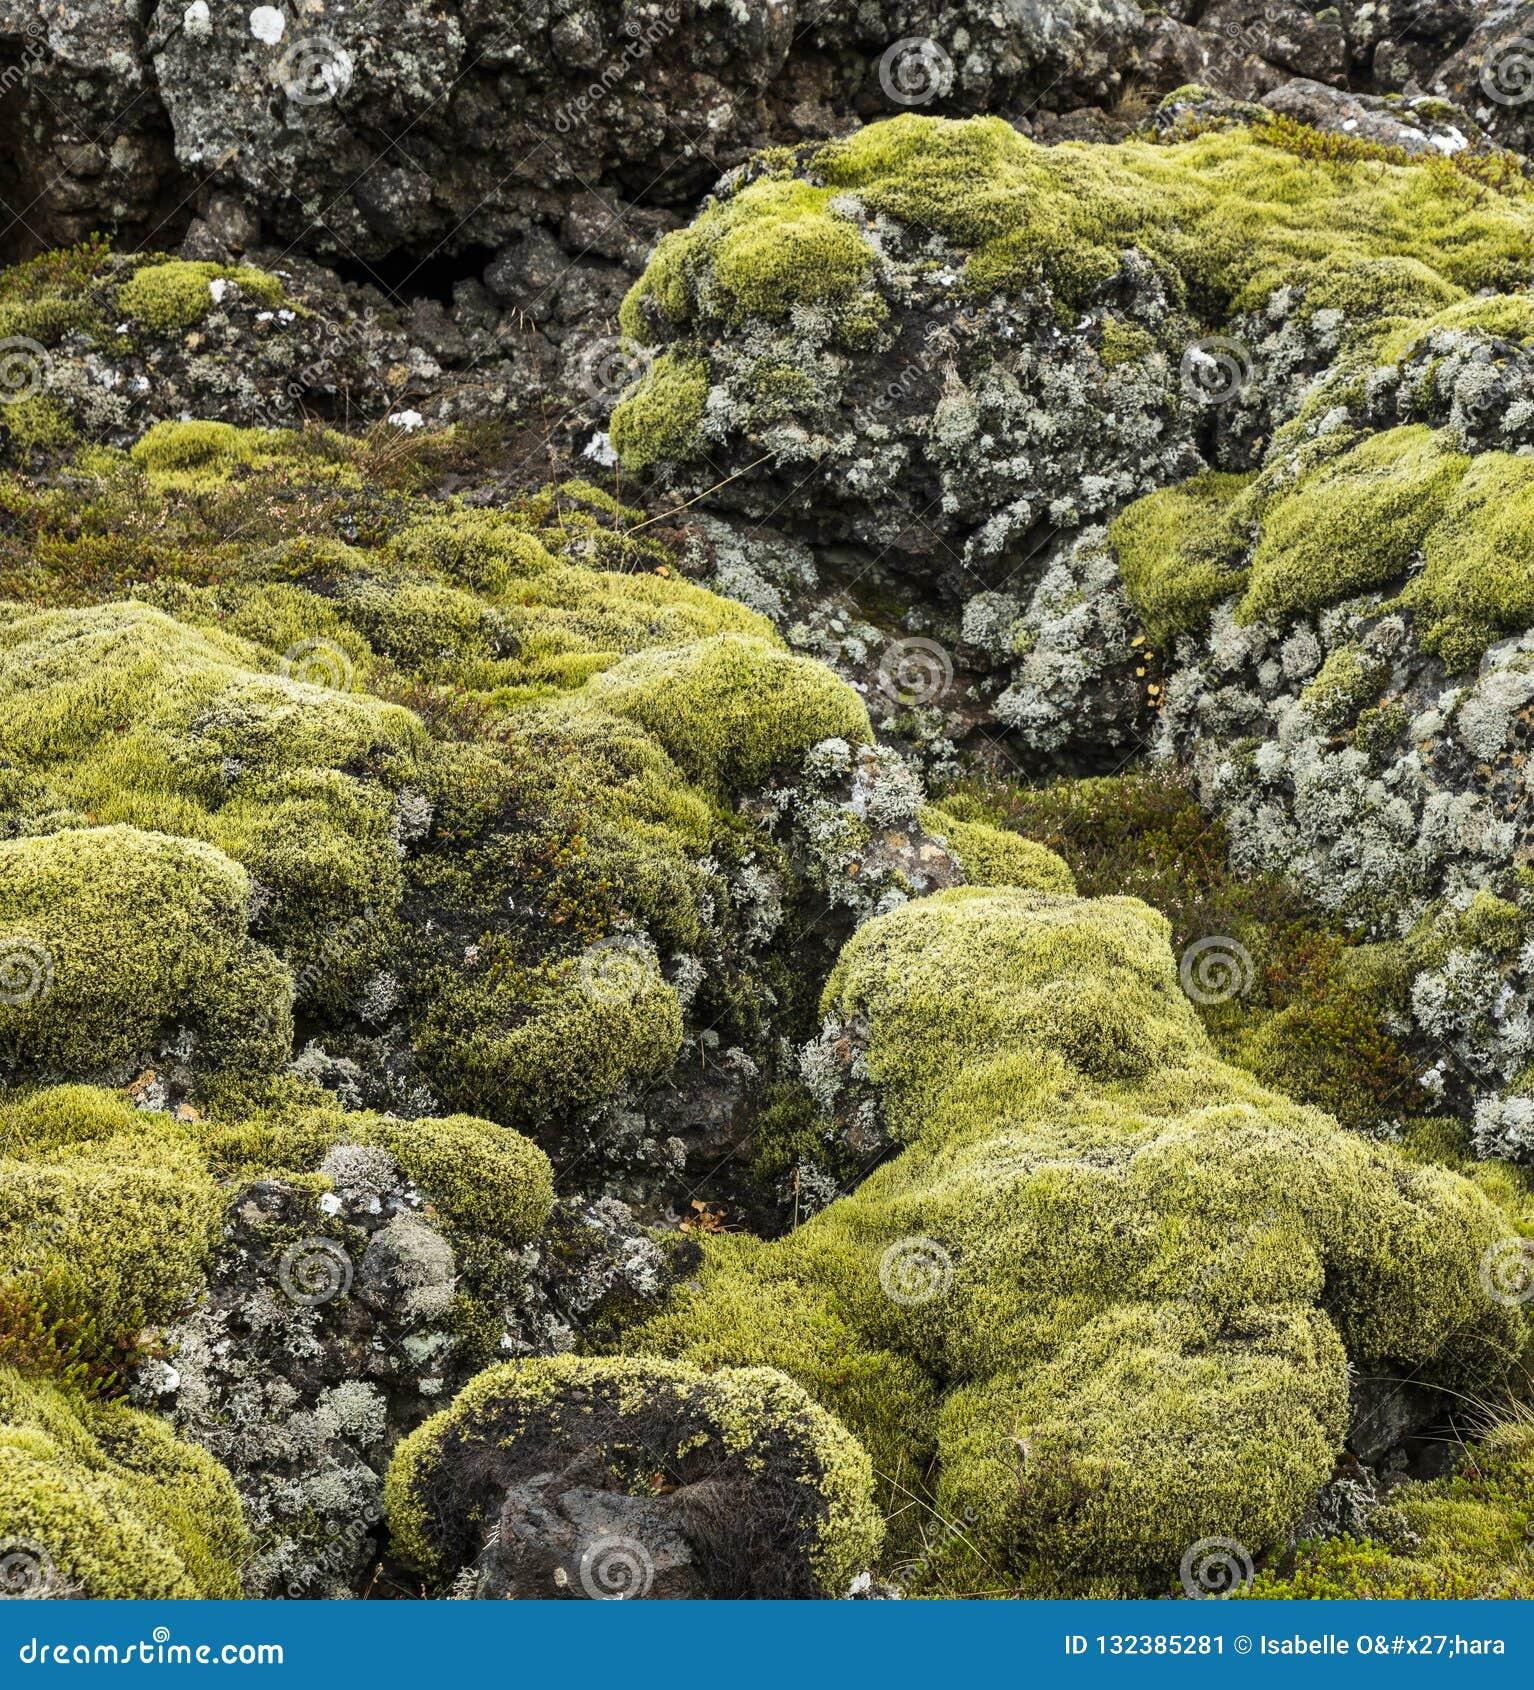 Mousse vert clair et basalte ou roche volcanique couvert par lichen gris